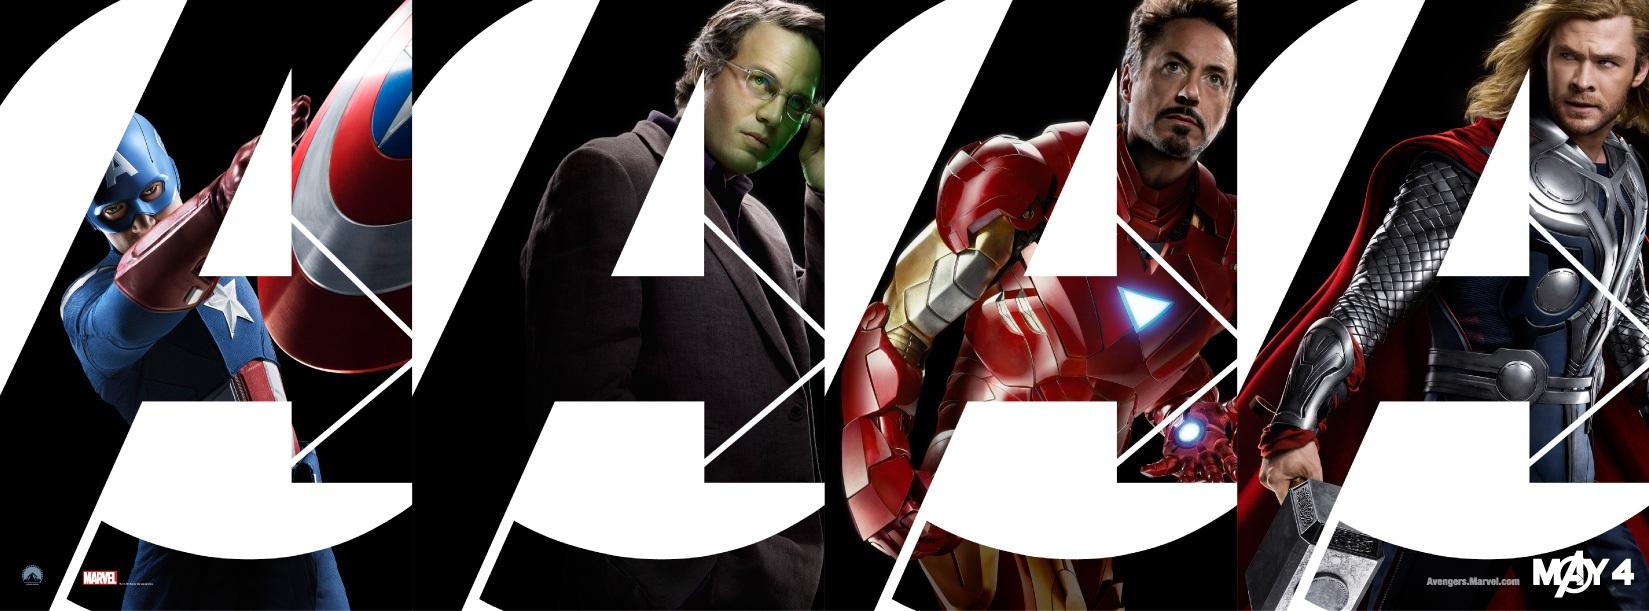 avengersbannermichael.jpg